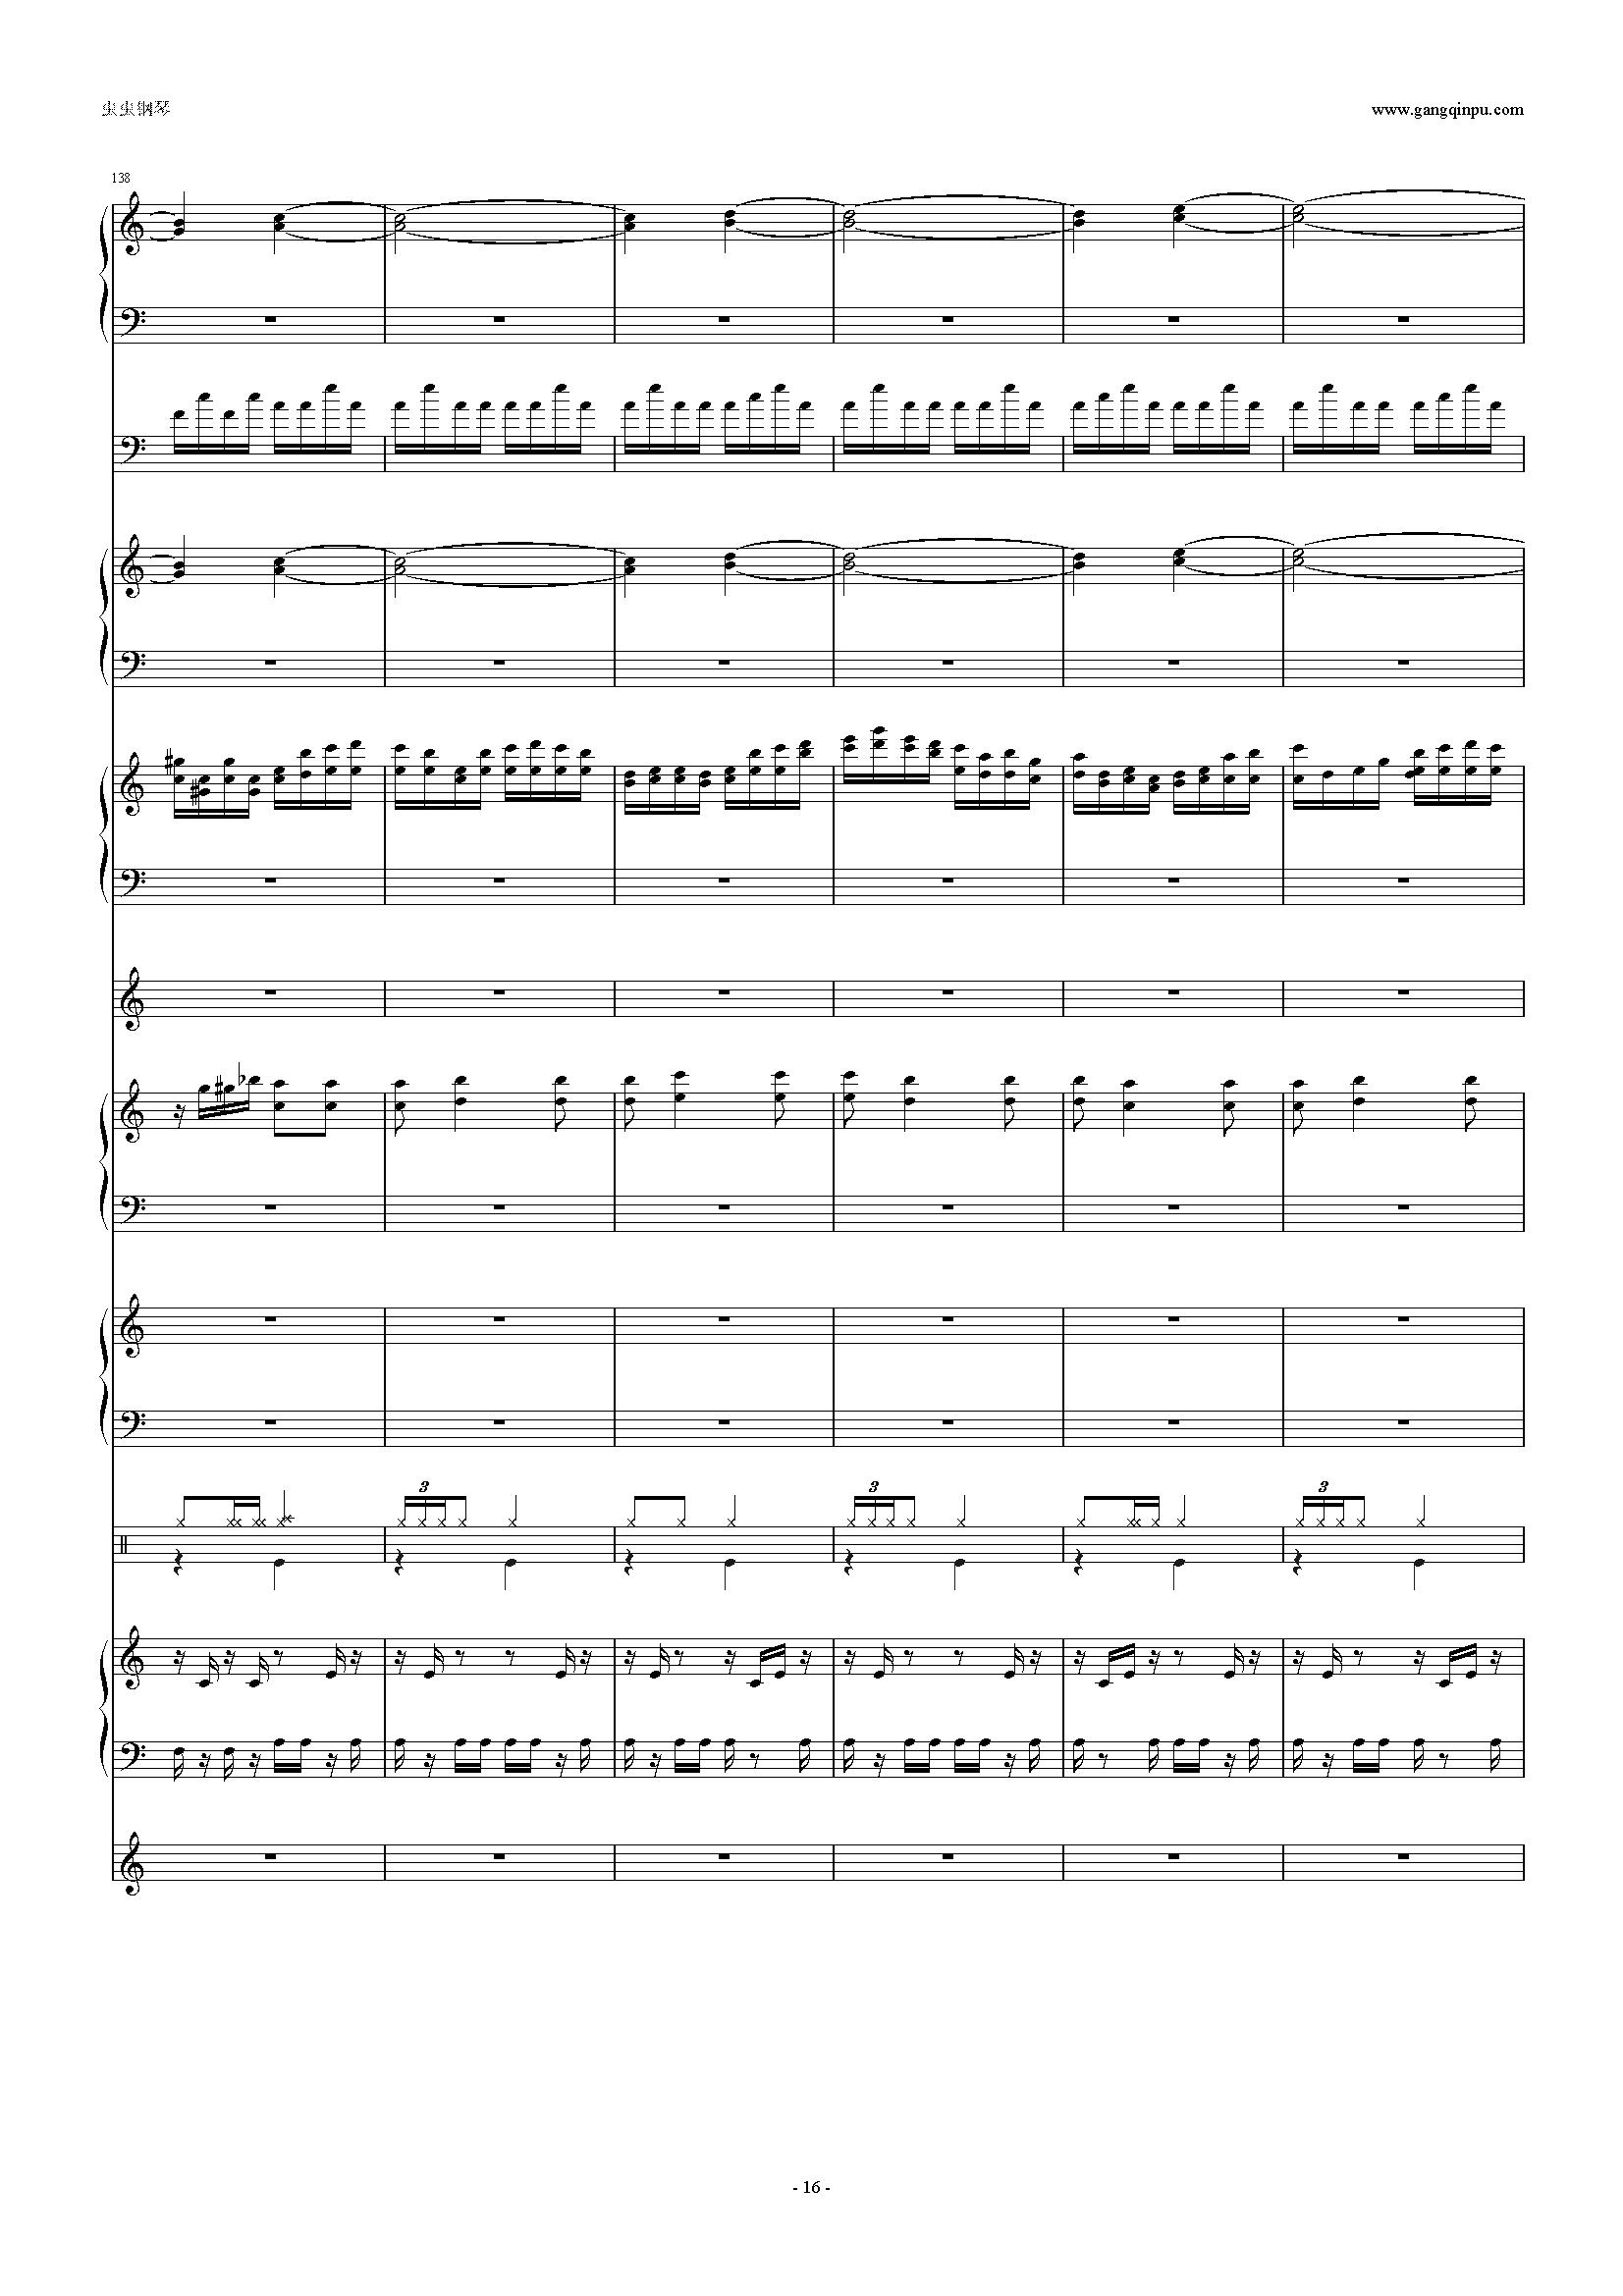 少女幻葬钢琴谱 第16页